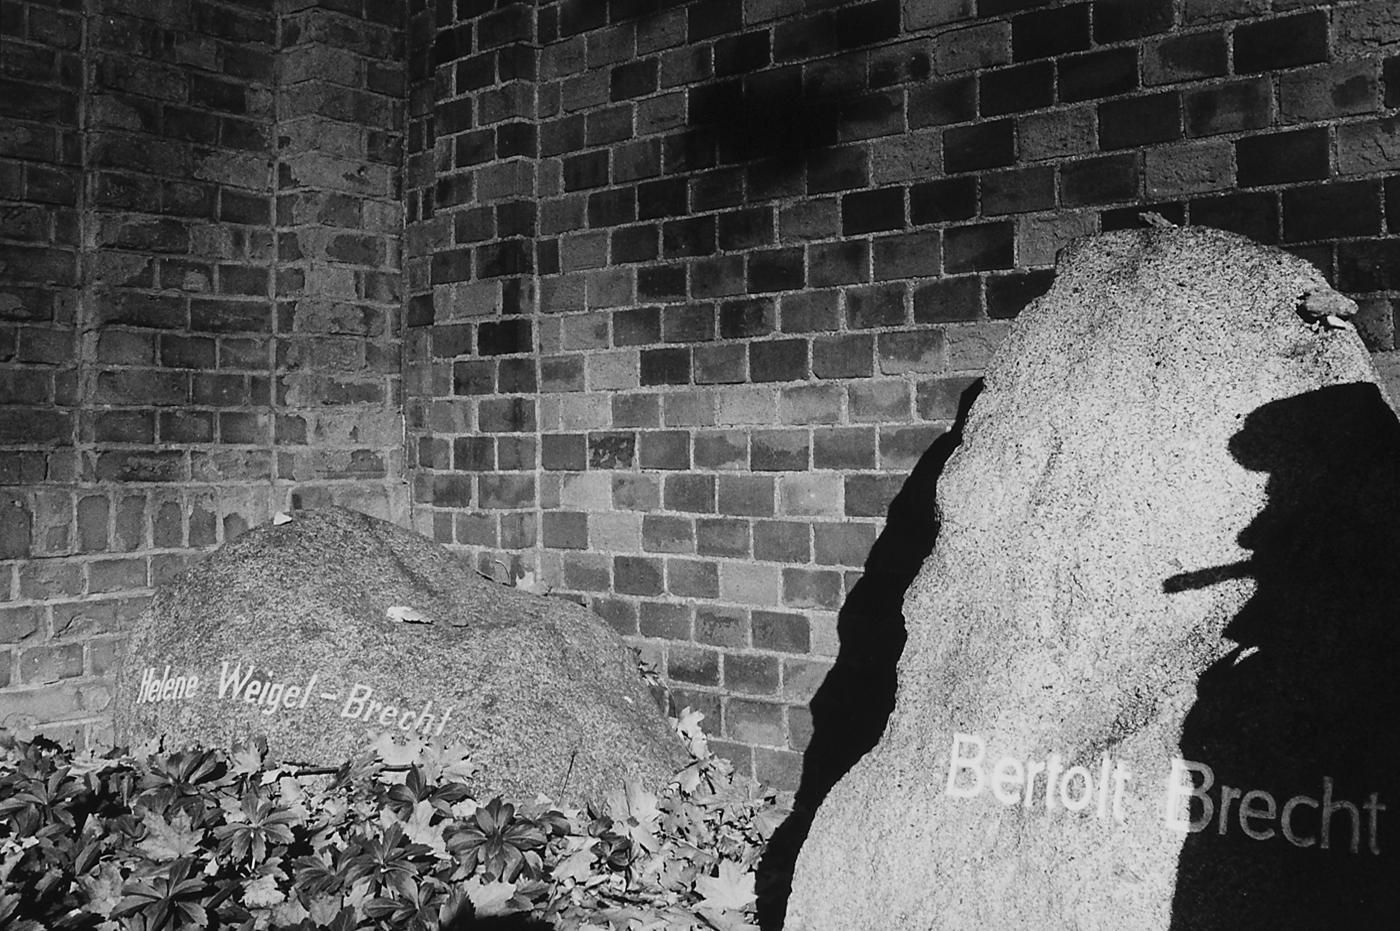 Grafsteen Brecht Berlijn b